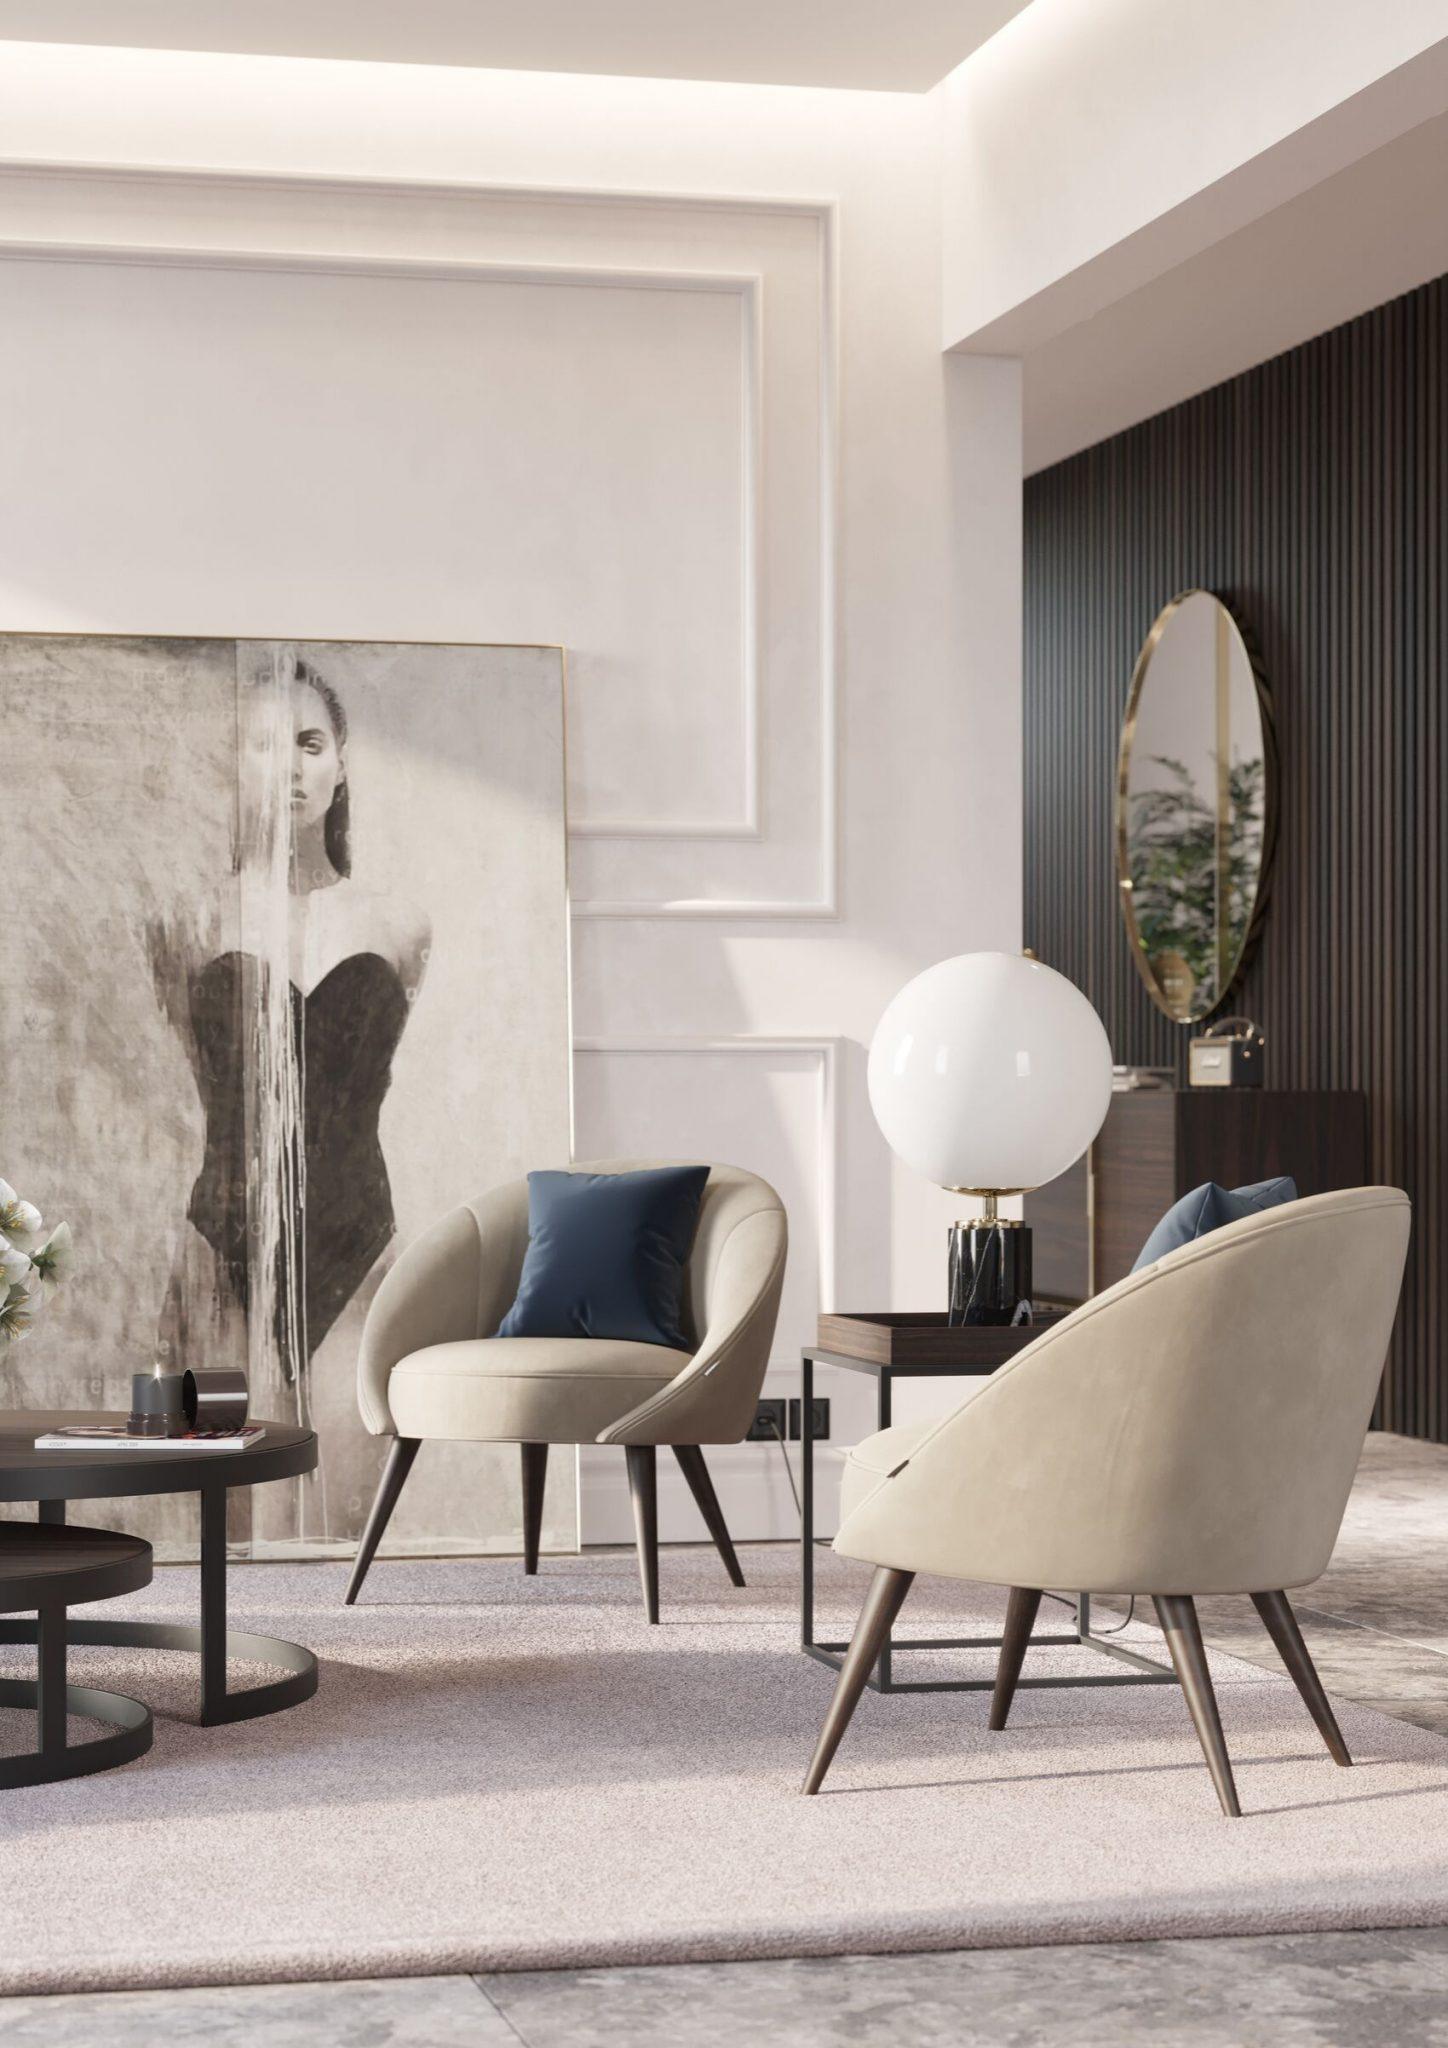 sala de estar moderna com cadeirão em estofo bege